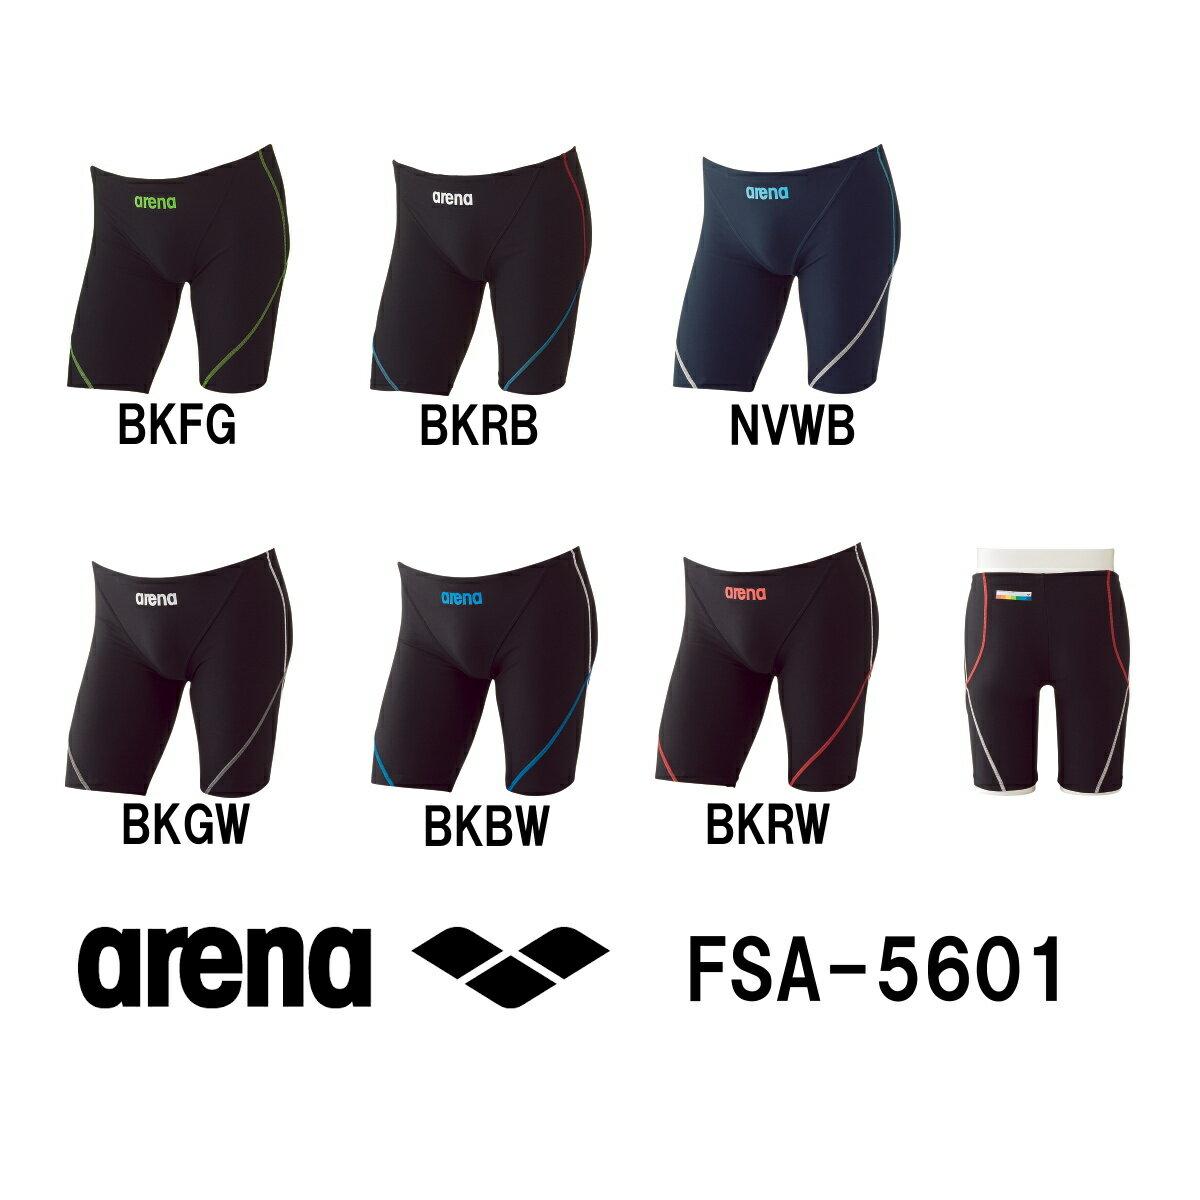 arena アリーナ 競泳練習用水着 スパッツ メンズ スイムウェア スイミング タフスーツ タフスキン FSA-5601